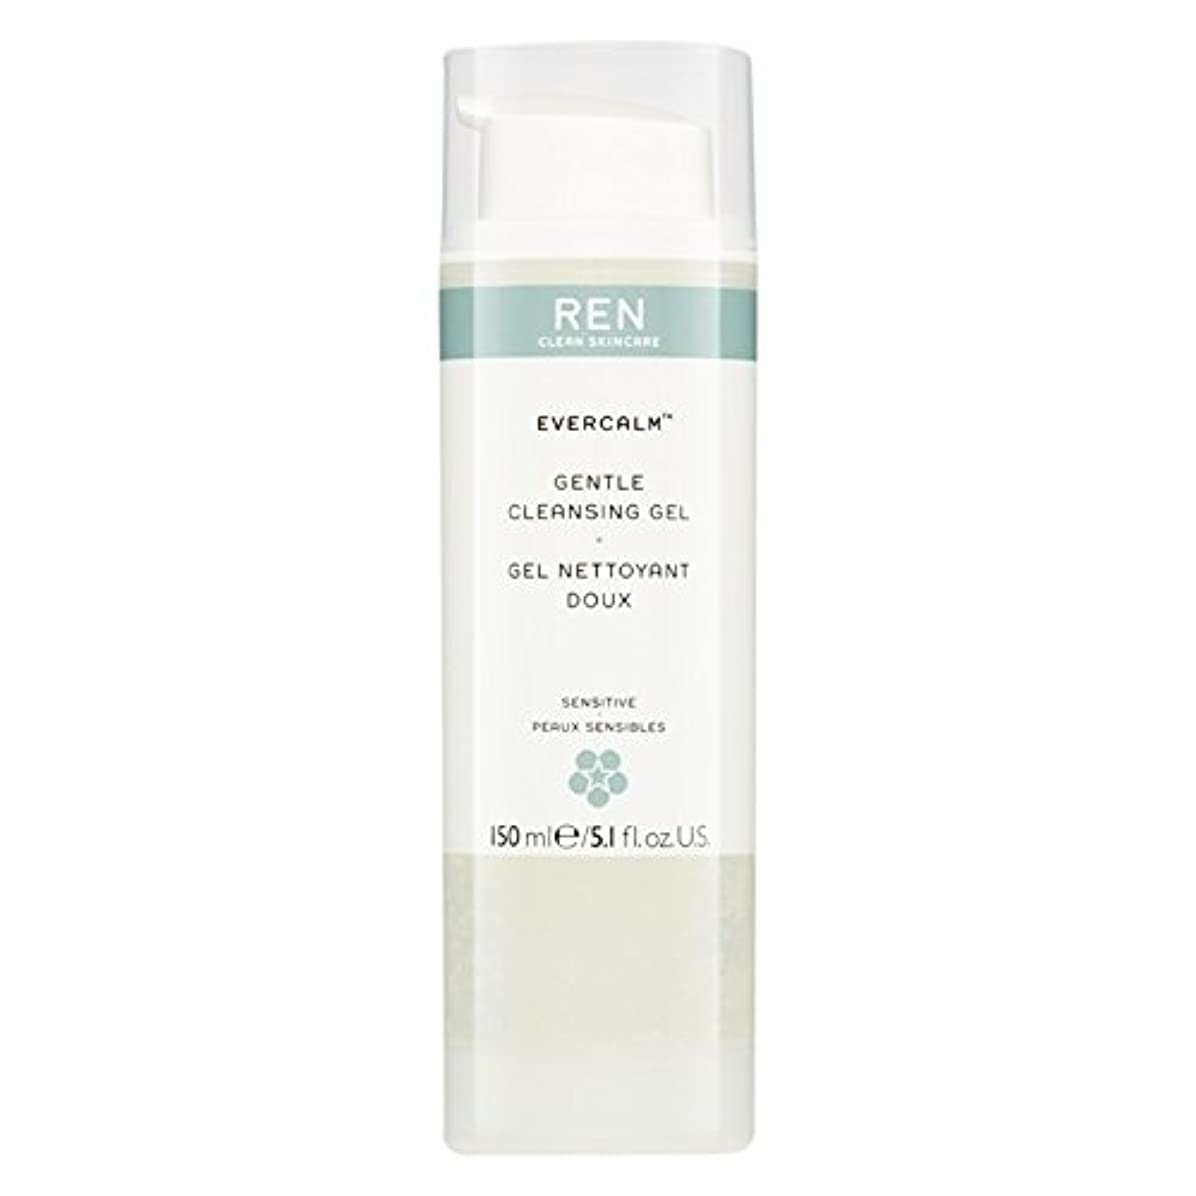 農場本噂Ren Evercalm優しいクレンジングジェル、150ミリリットル (REN) - REN Evercalm Gentle Cleansing Gel, 150ml [並行輸入品]